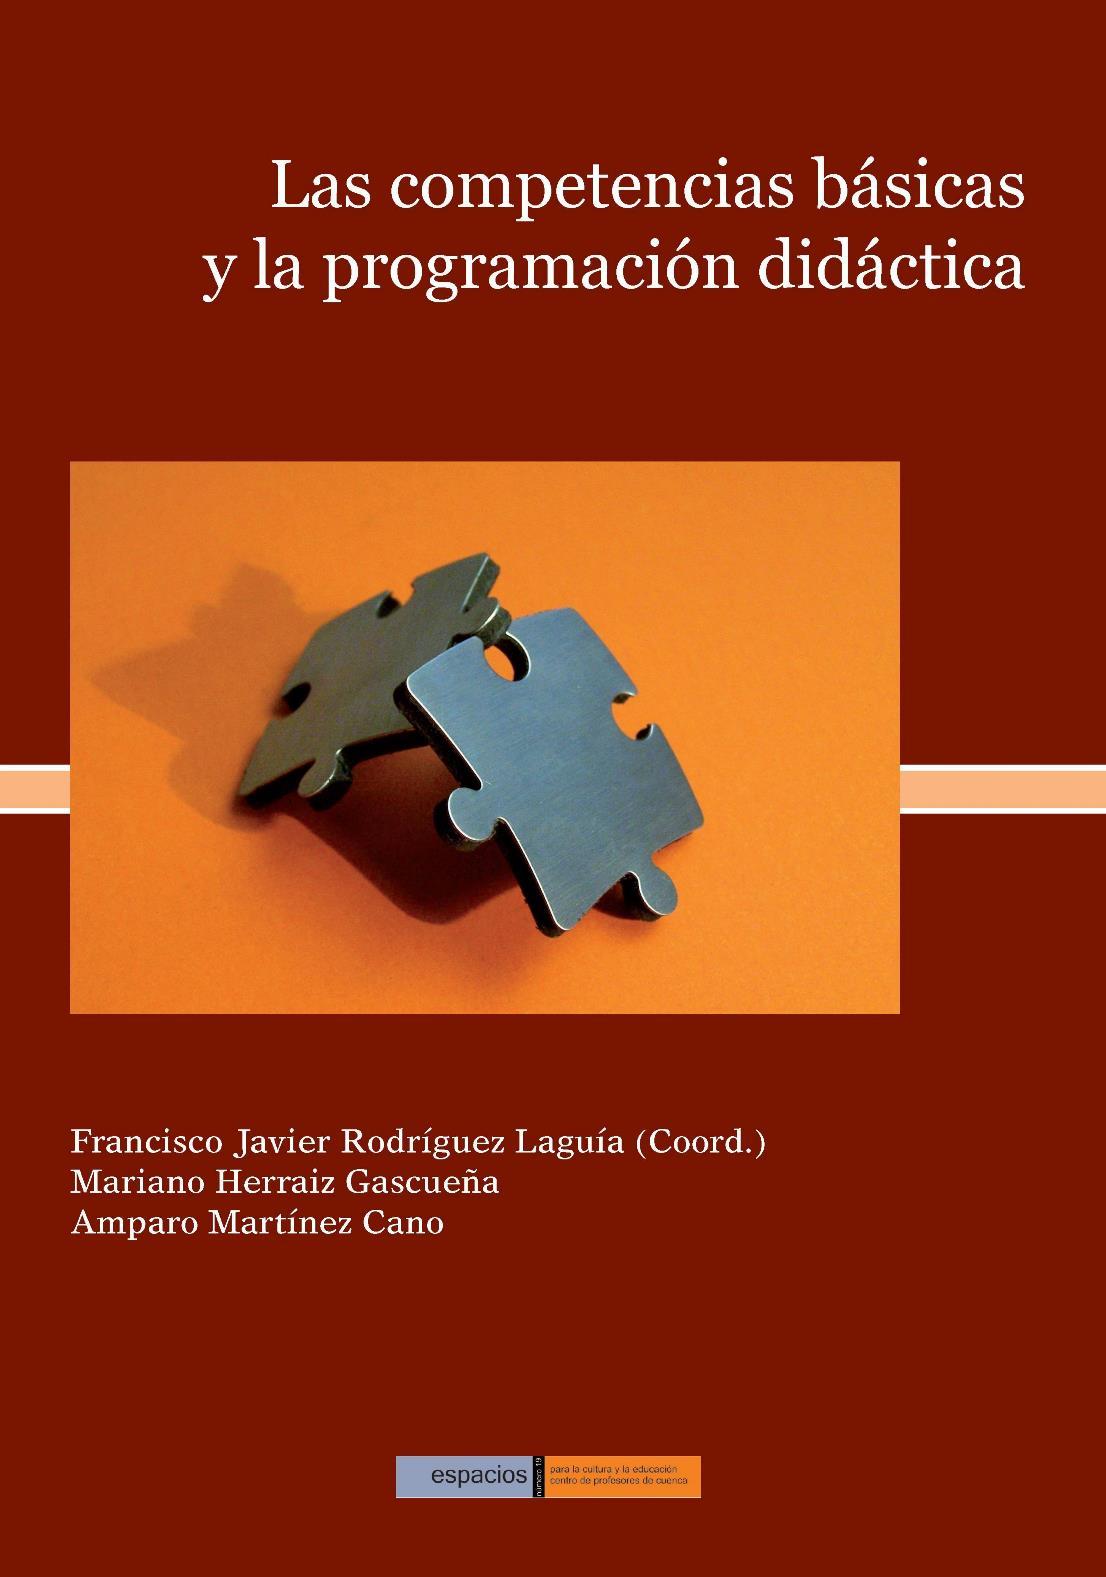 Las competencias básicas y la programación didáctica